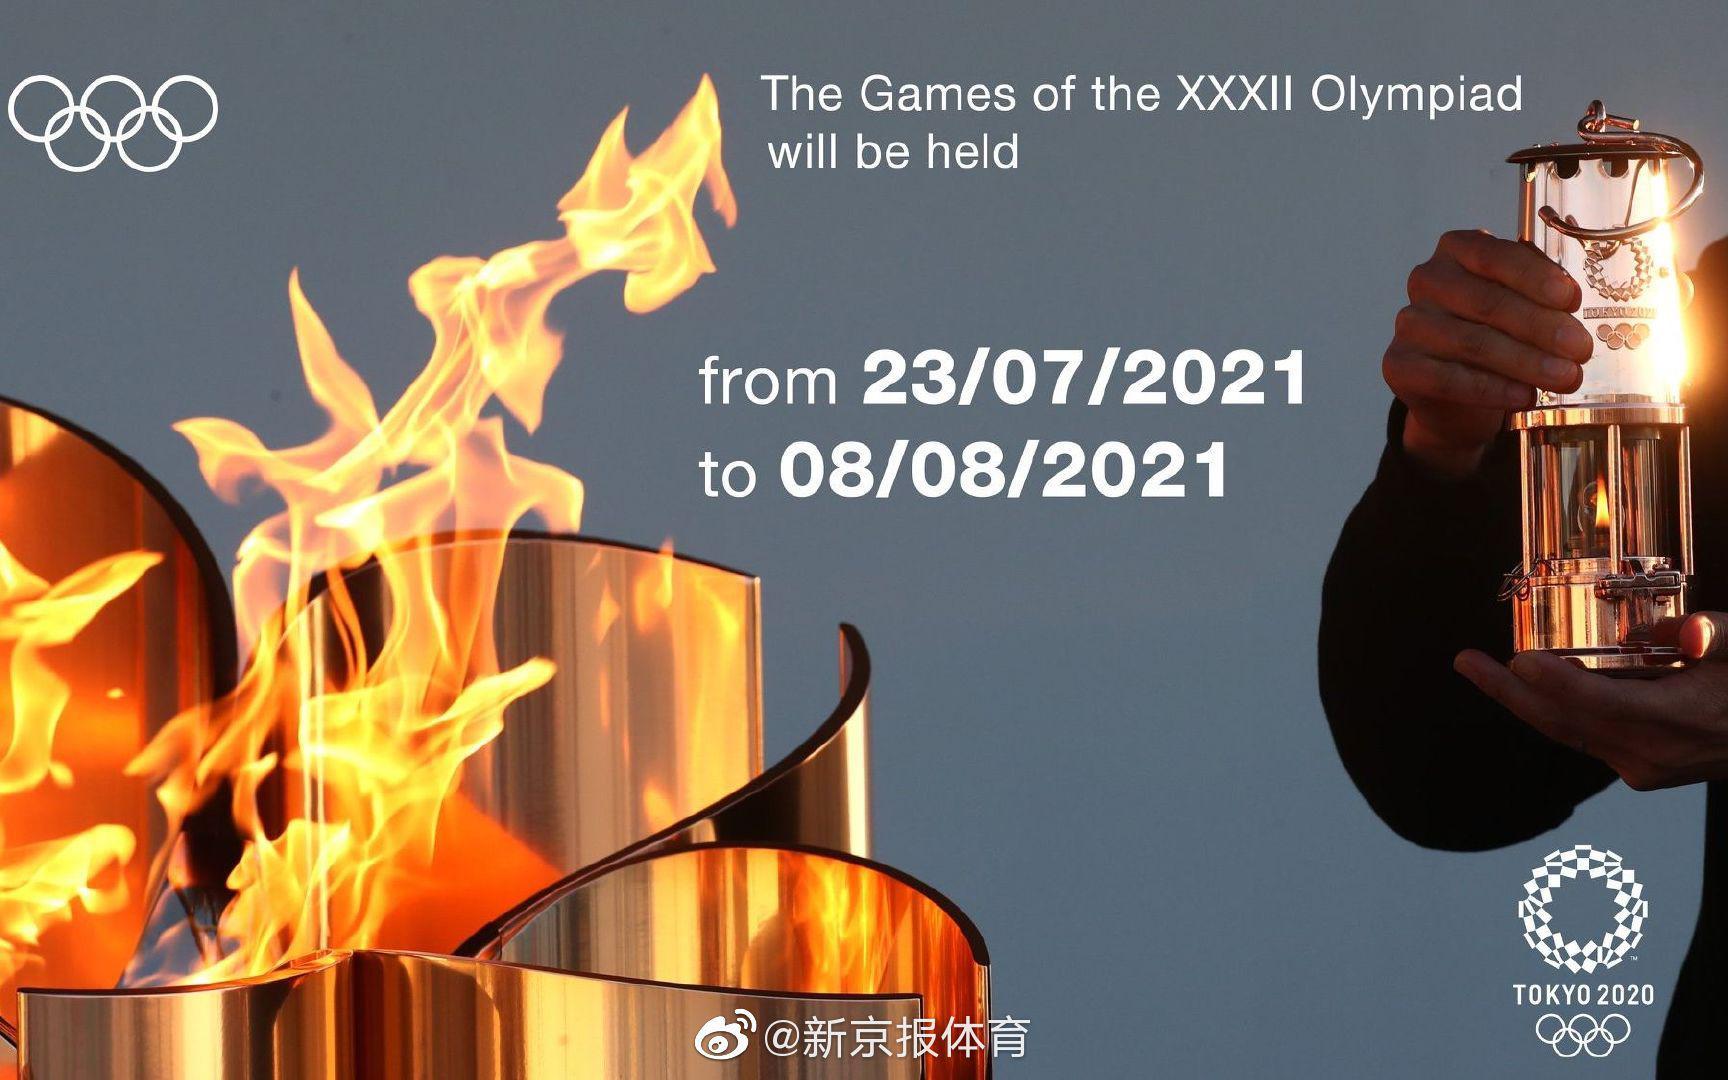 奥运圣火或在全日本巡回展览